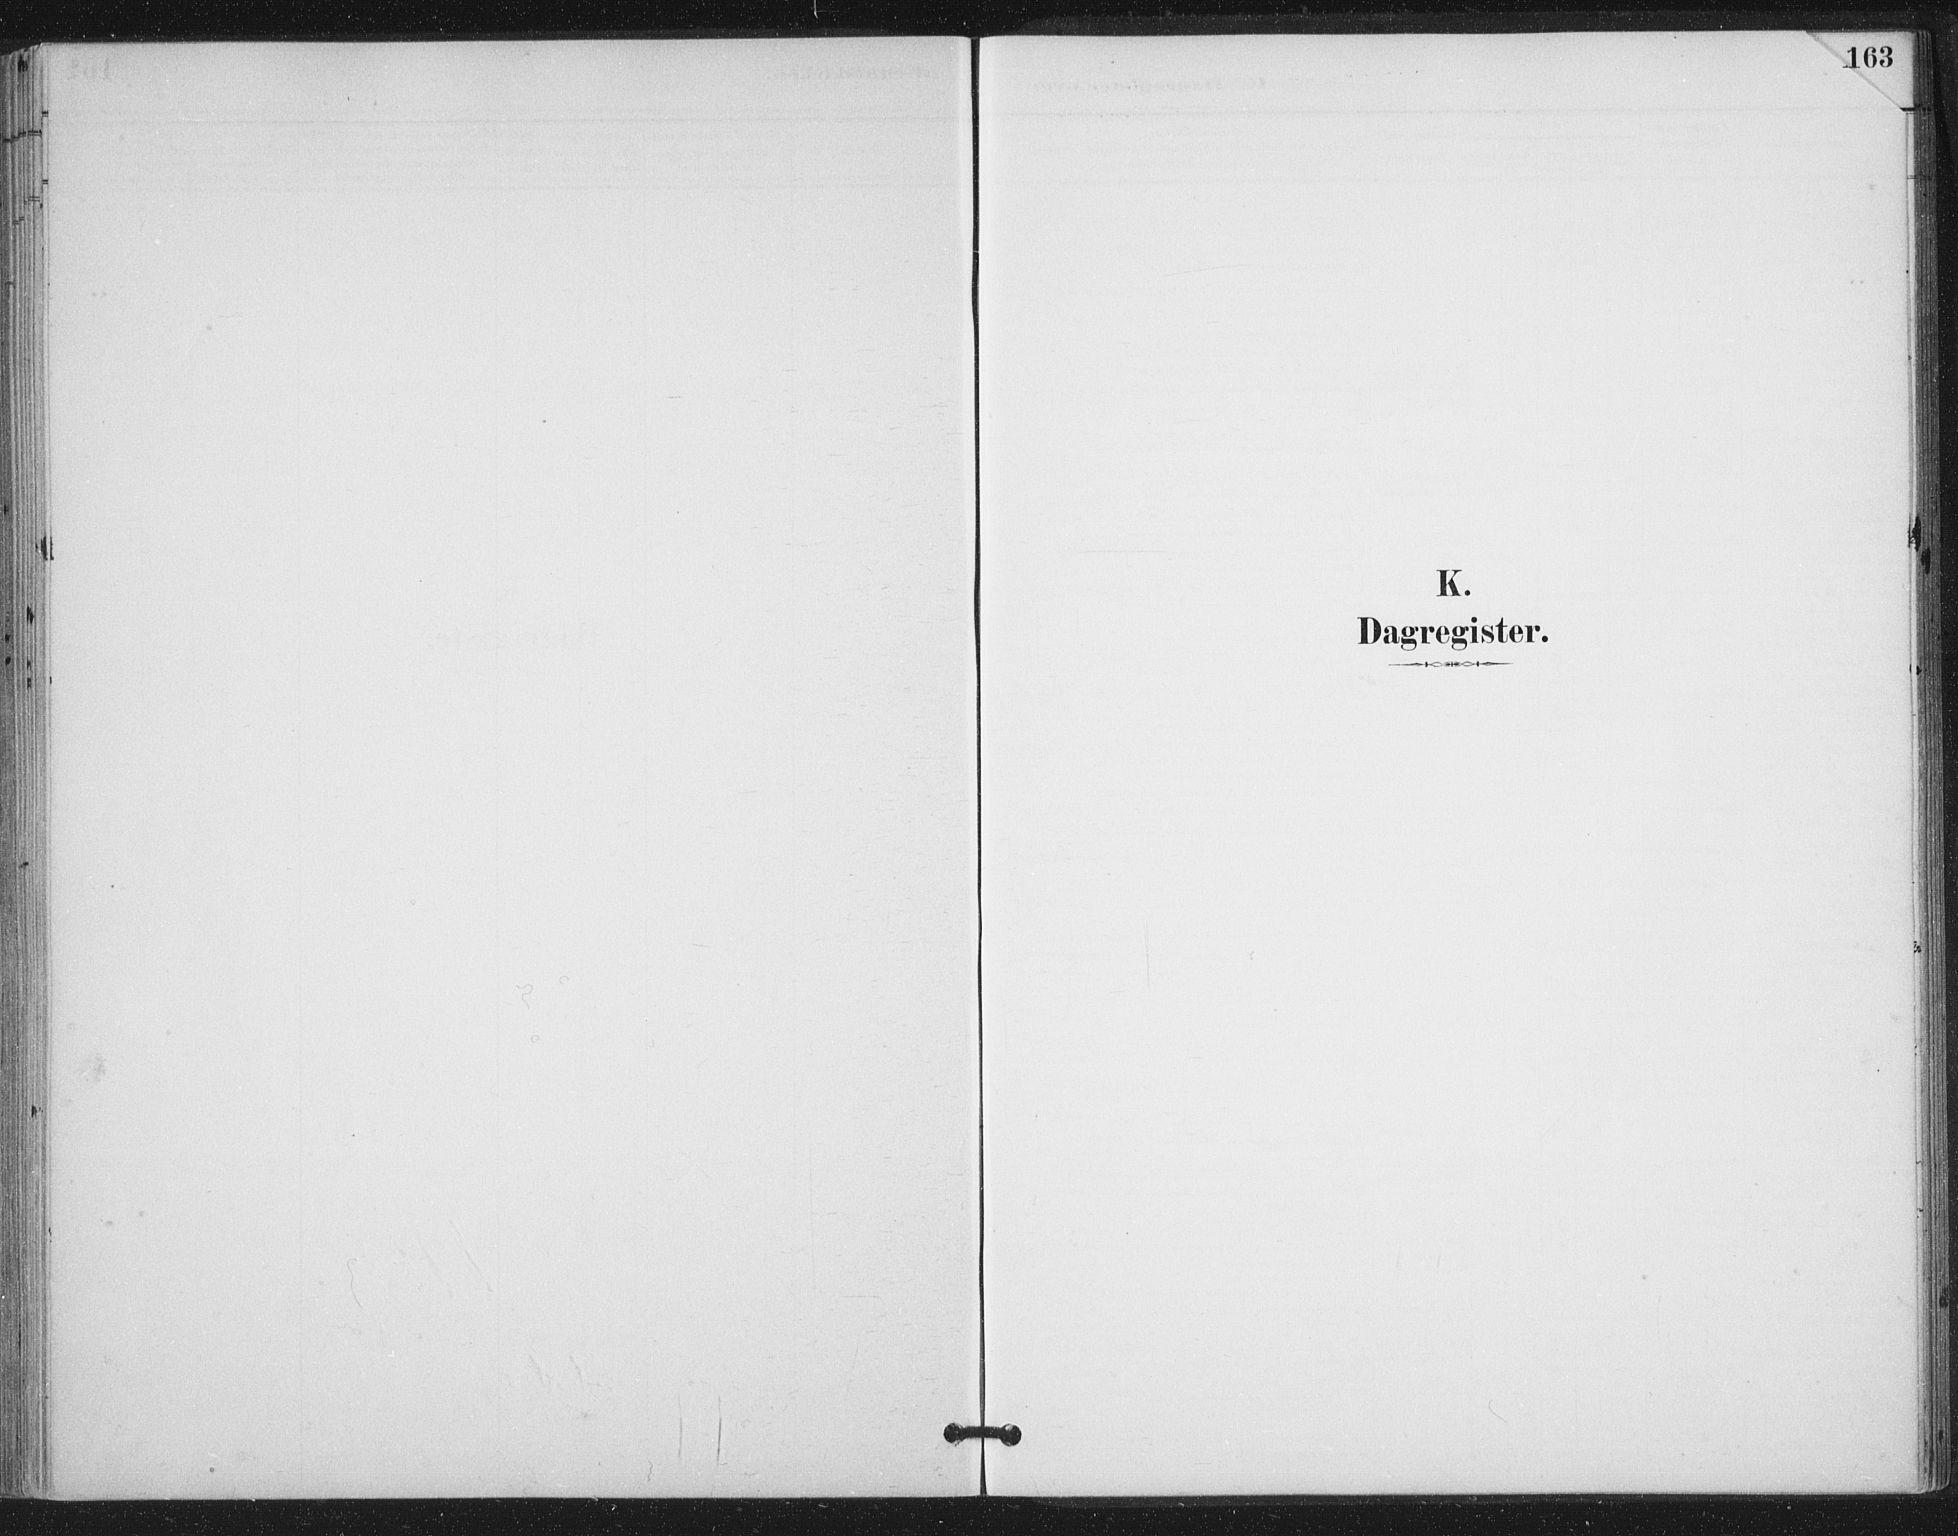 SAT, Ministerialprotokoller, klokkerbøker og fødselsregistre - Nord-Trøndelag, 783/L0660: Ministerialbok nr. 783A02, 1886-1918, s. 162